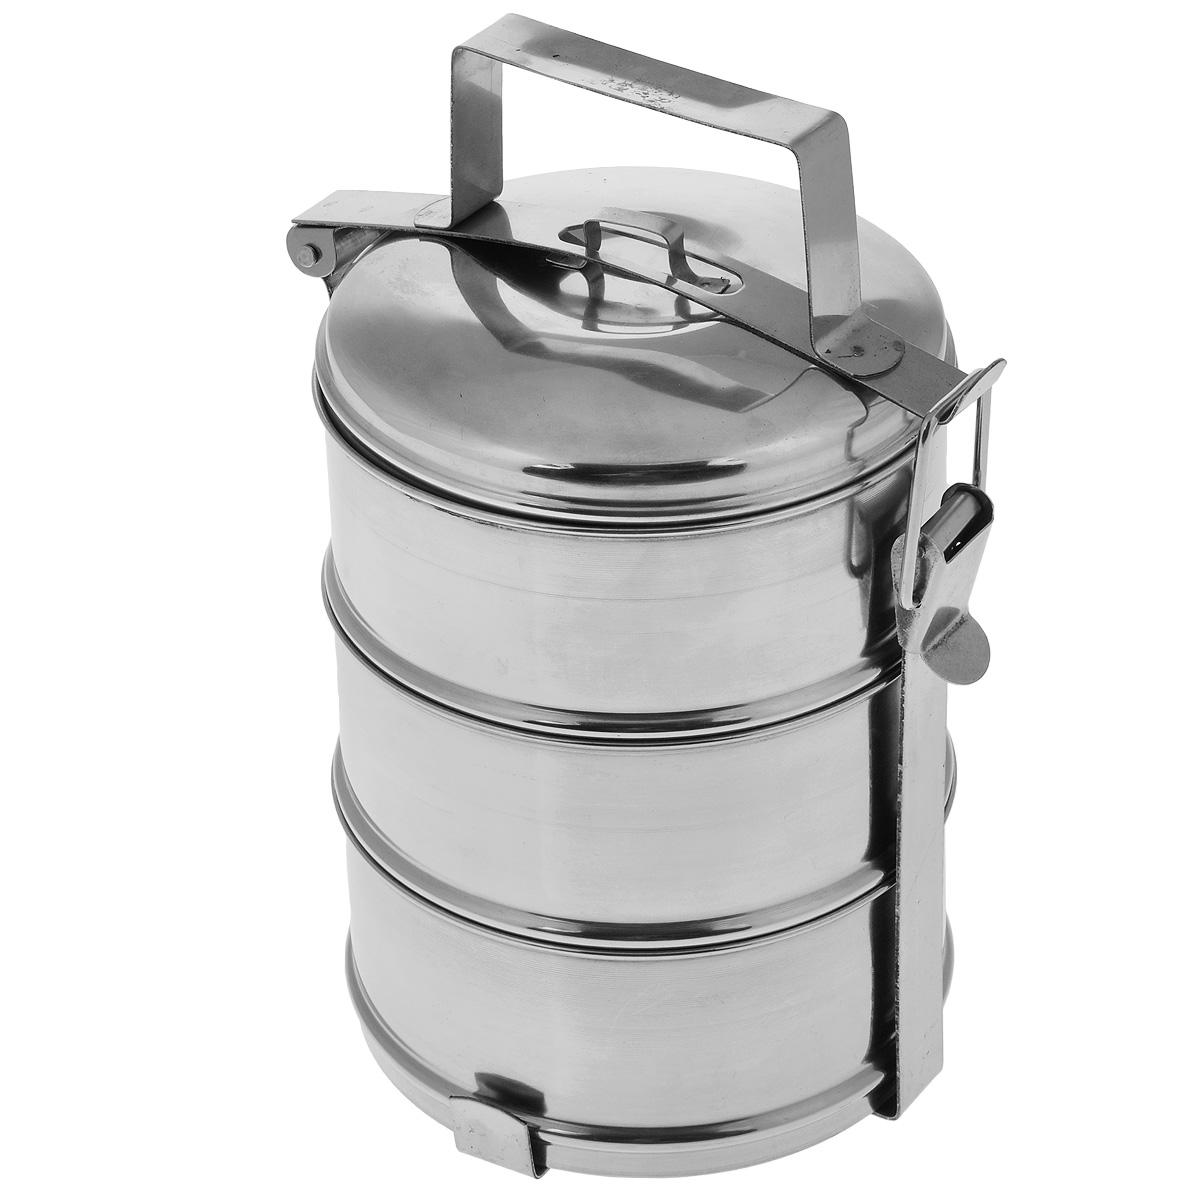 Ланч-бокс Padia, 14 см х 26 см, 3 контейнера6800-02Ланч-бокс Padia станет незаменимой вещью для офисных работников, водителей, путешественников и туристов. Изделие представляет собой 3 круглых контейнера, изготовленных из нержавеющей стали и предназначенных для переноски и хранения пищевых продуктов. Для удобства и компактности контейнеры вставляются один в другой и закрываются сверху крышкой. Ланч-бокс оснащен механизмом, благодаря которому все контейнеры фиксируются в одном положении и во время транспортировки не падают. Такой ланч-бокс идеален для пикников и путешествий. Вы можете носить в нем обеды и завтраки, супы, закуски, фрукты, овощи и другое. Размер одного контейнера: 14 см х 14 см х 6,5 см. Общий размер ланч-бокса (с учетом крышки): 14 см х 14 см х 26 см.